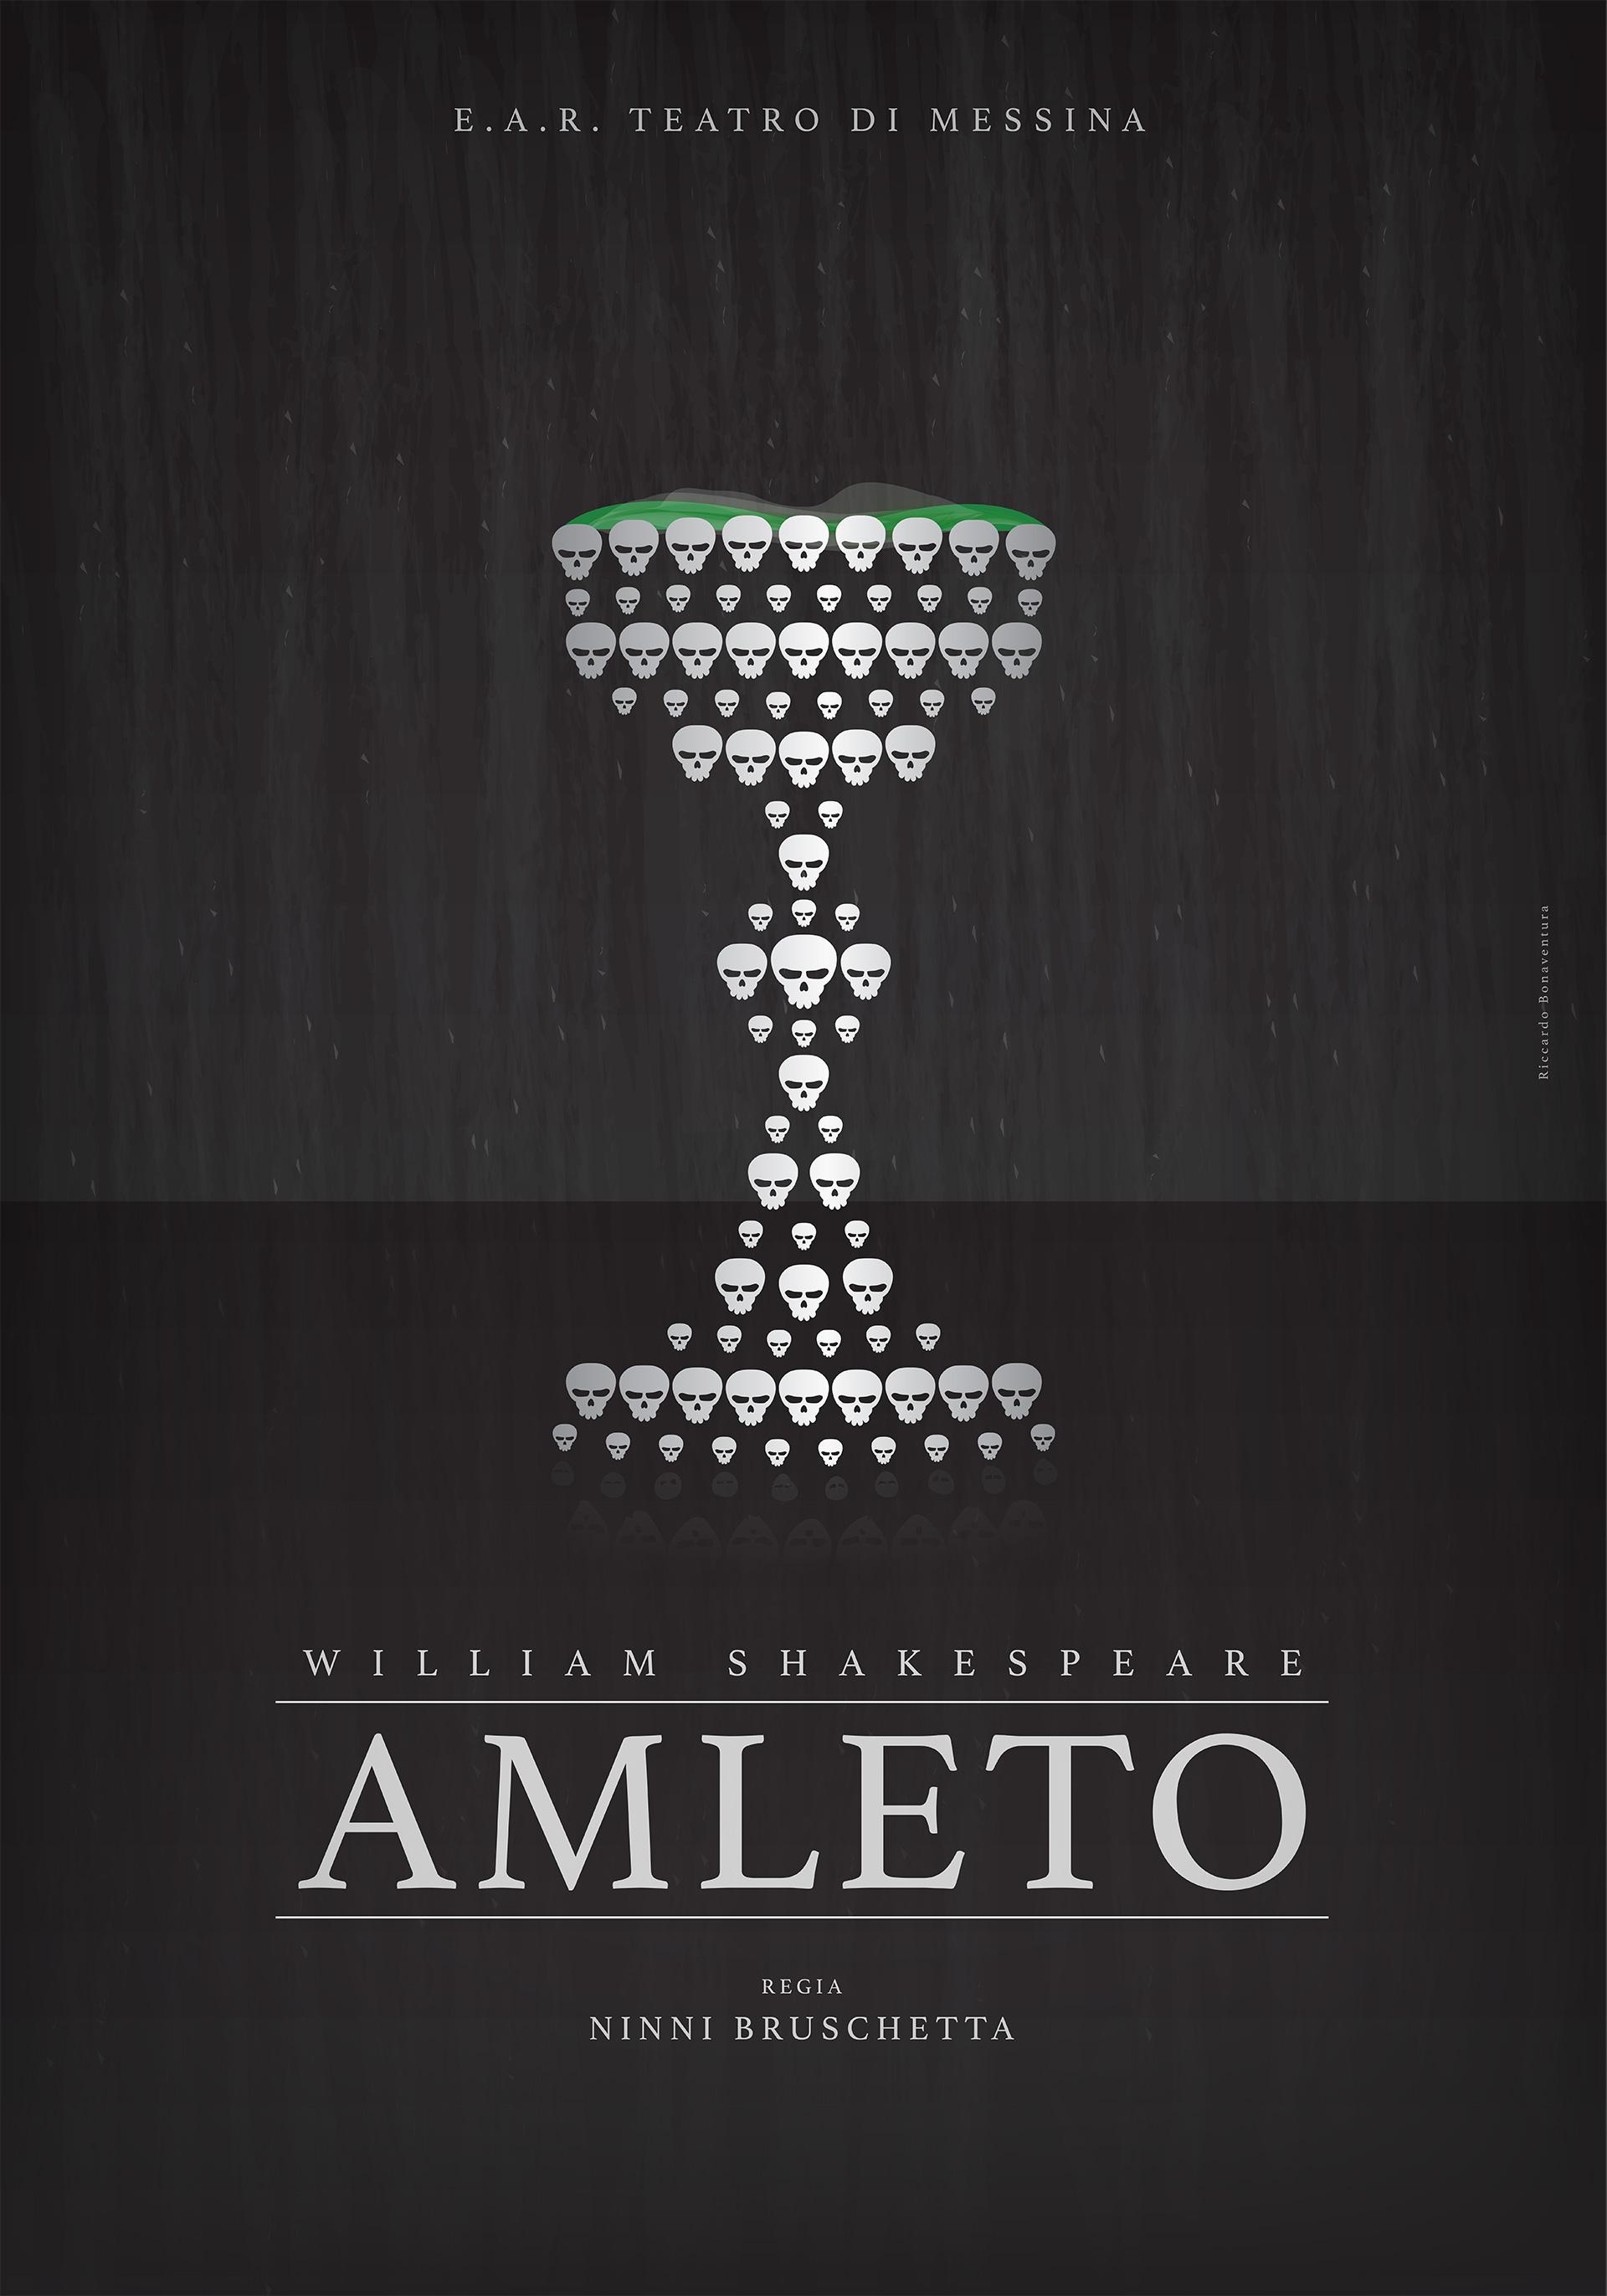 Amleto-70x100-_-Teatro-di-Messina-21-gennaio-2016